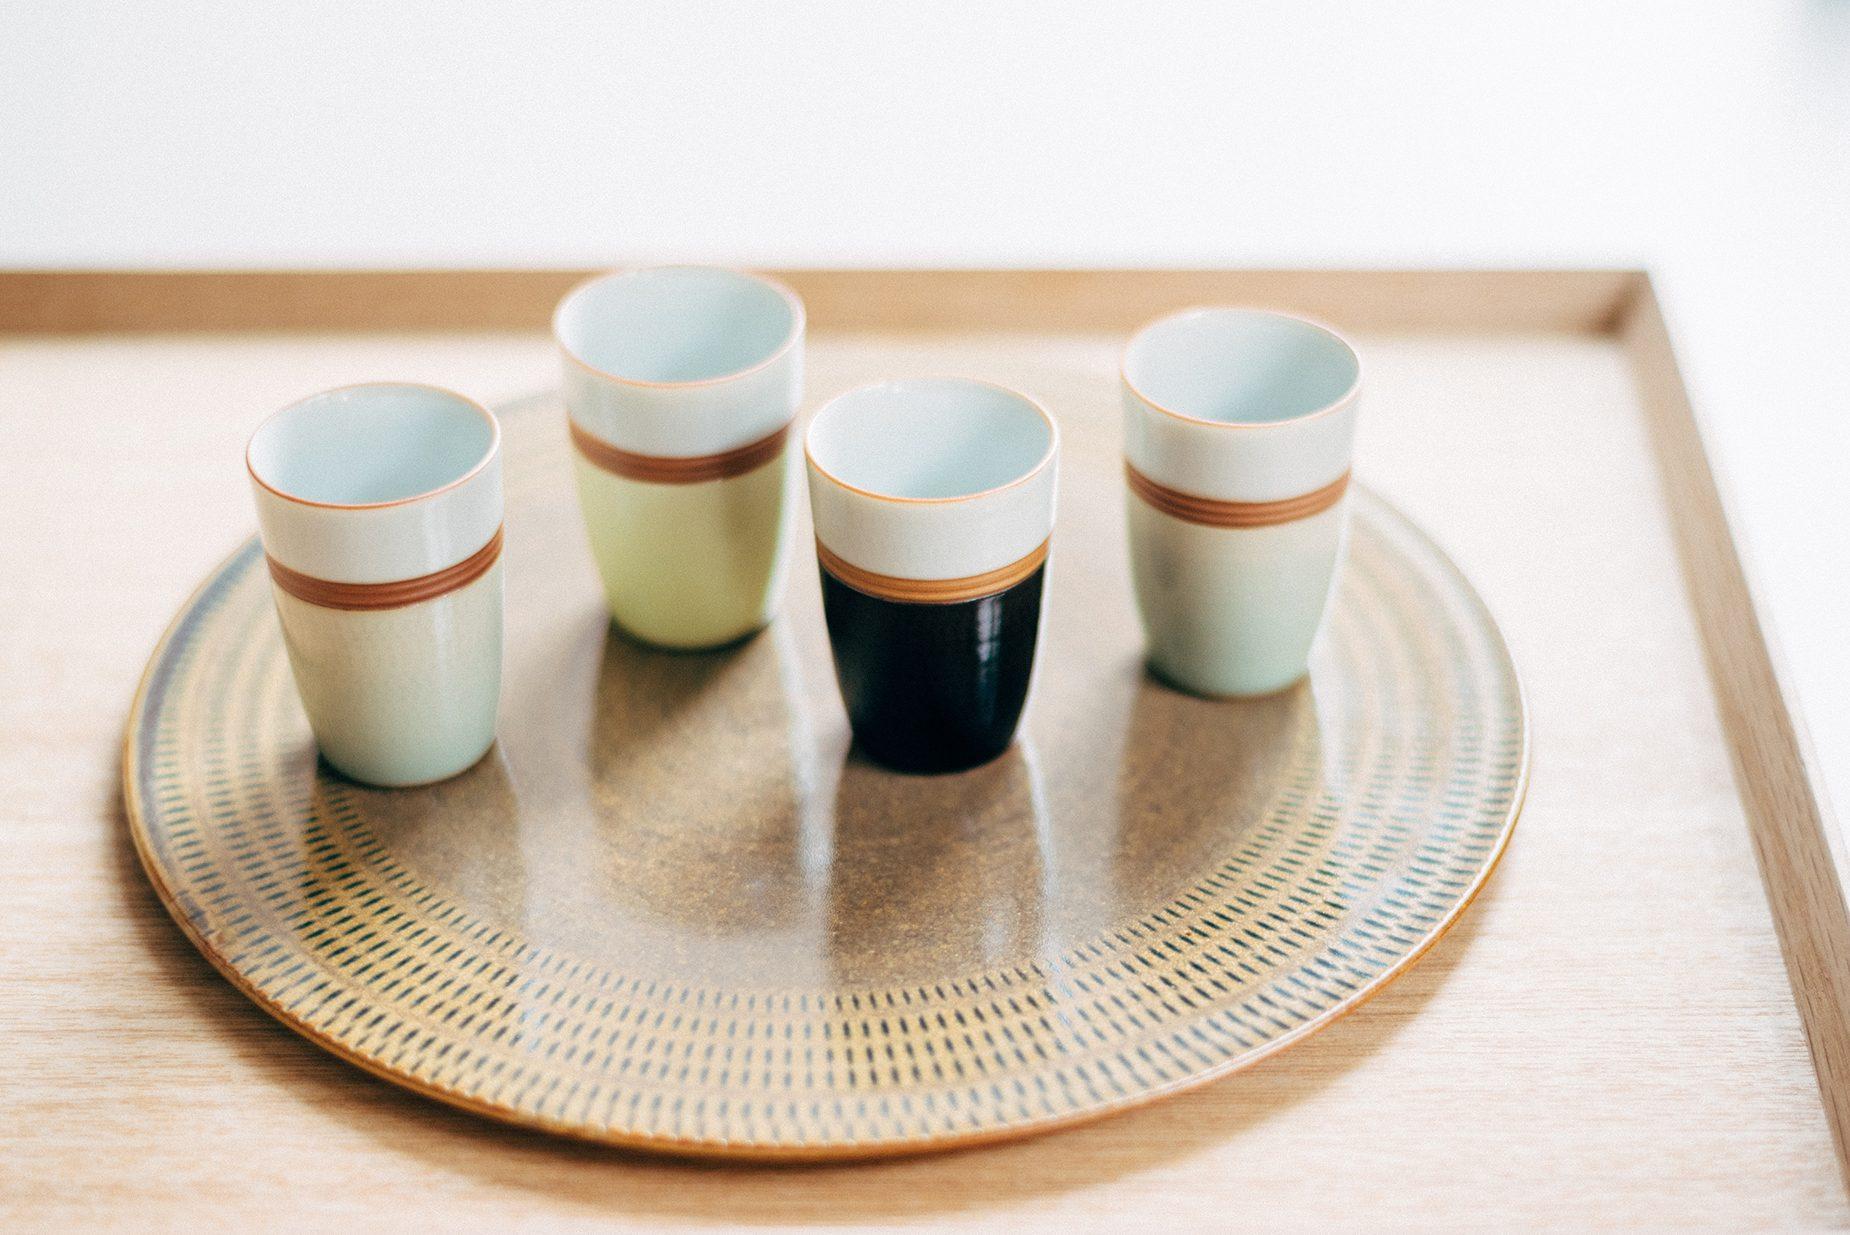 福田さんがお買い上げされた茶器。青磁は裏の高台のところに薄い茶色のべにというものを巻くのがセオリーになっているが、あえて横や縁のラインに巻くことで緊張感をだしている。